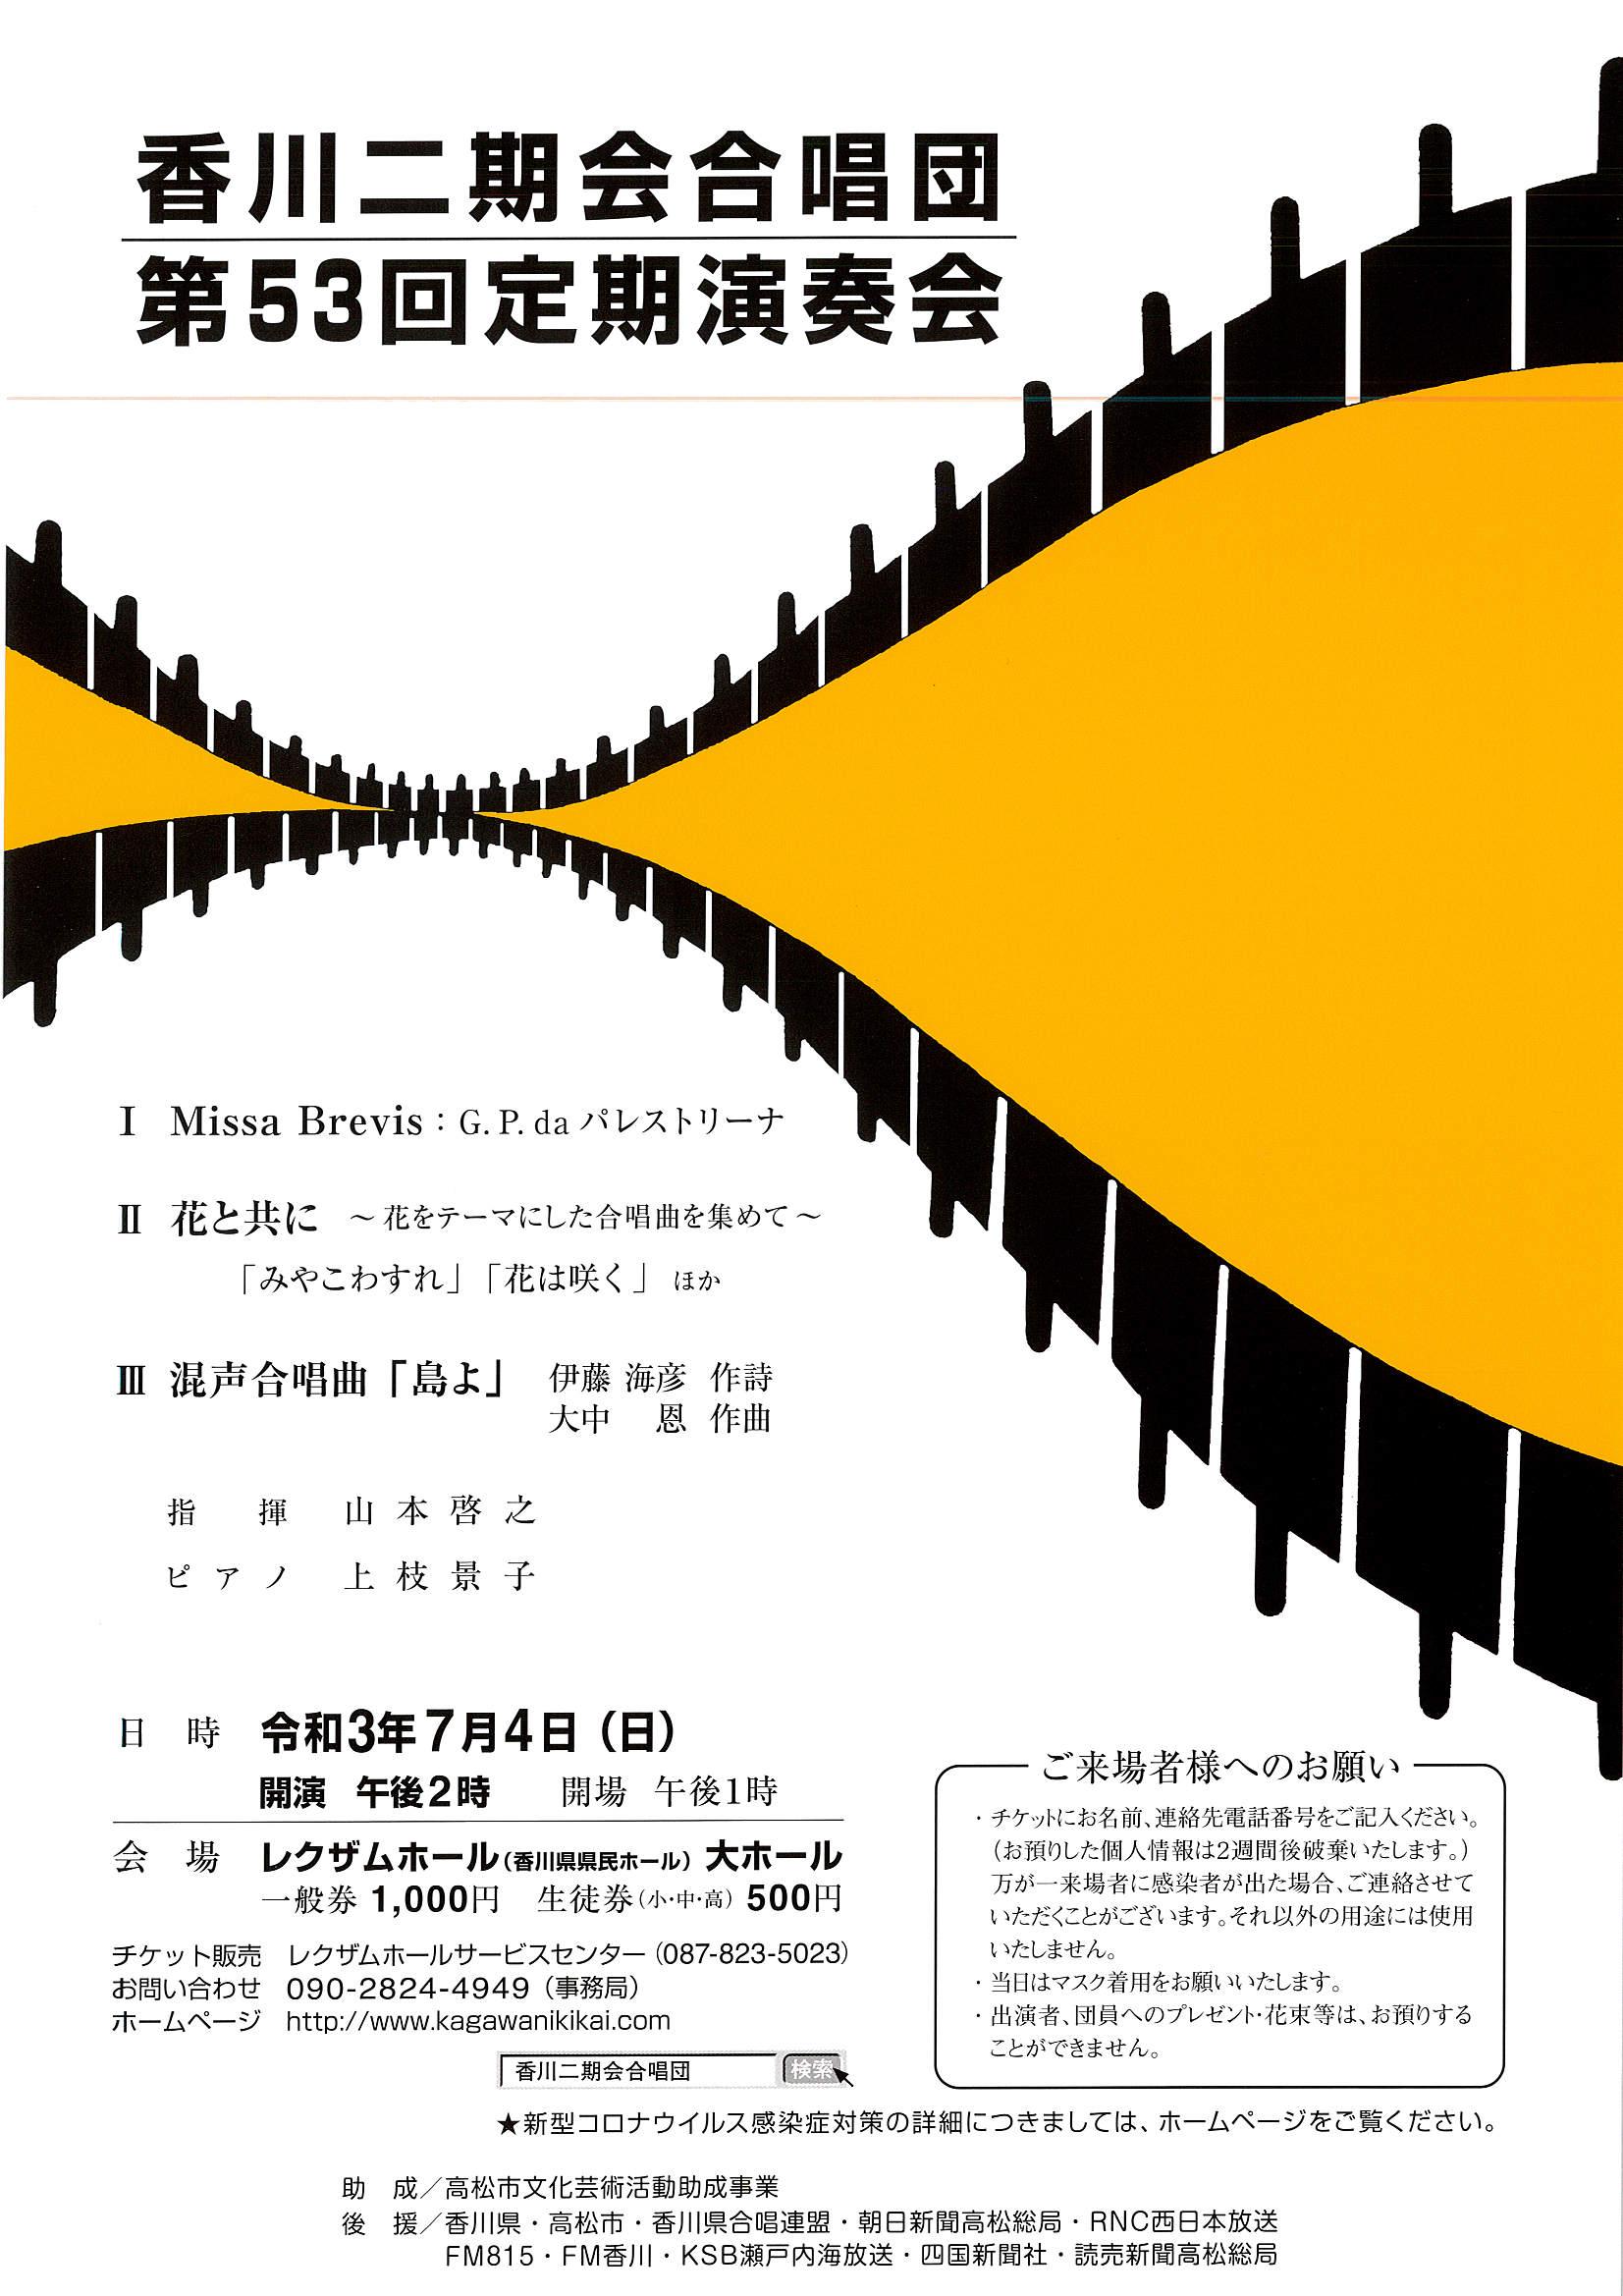 香川二期会合唱団 第53回定期演奏会